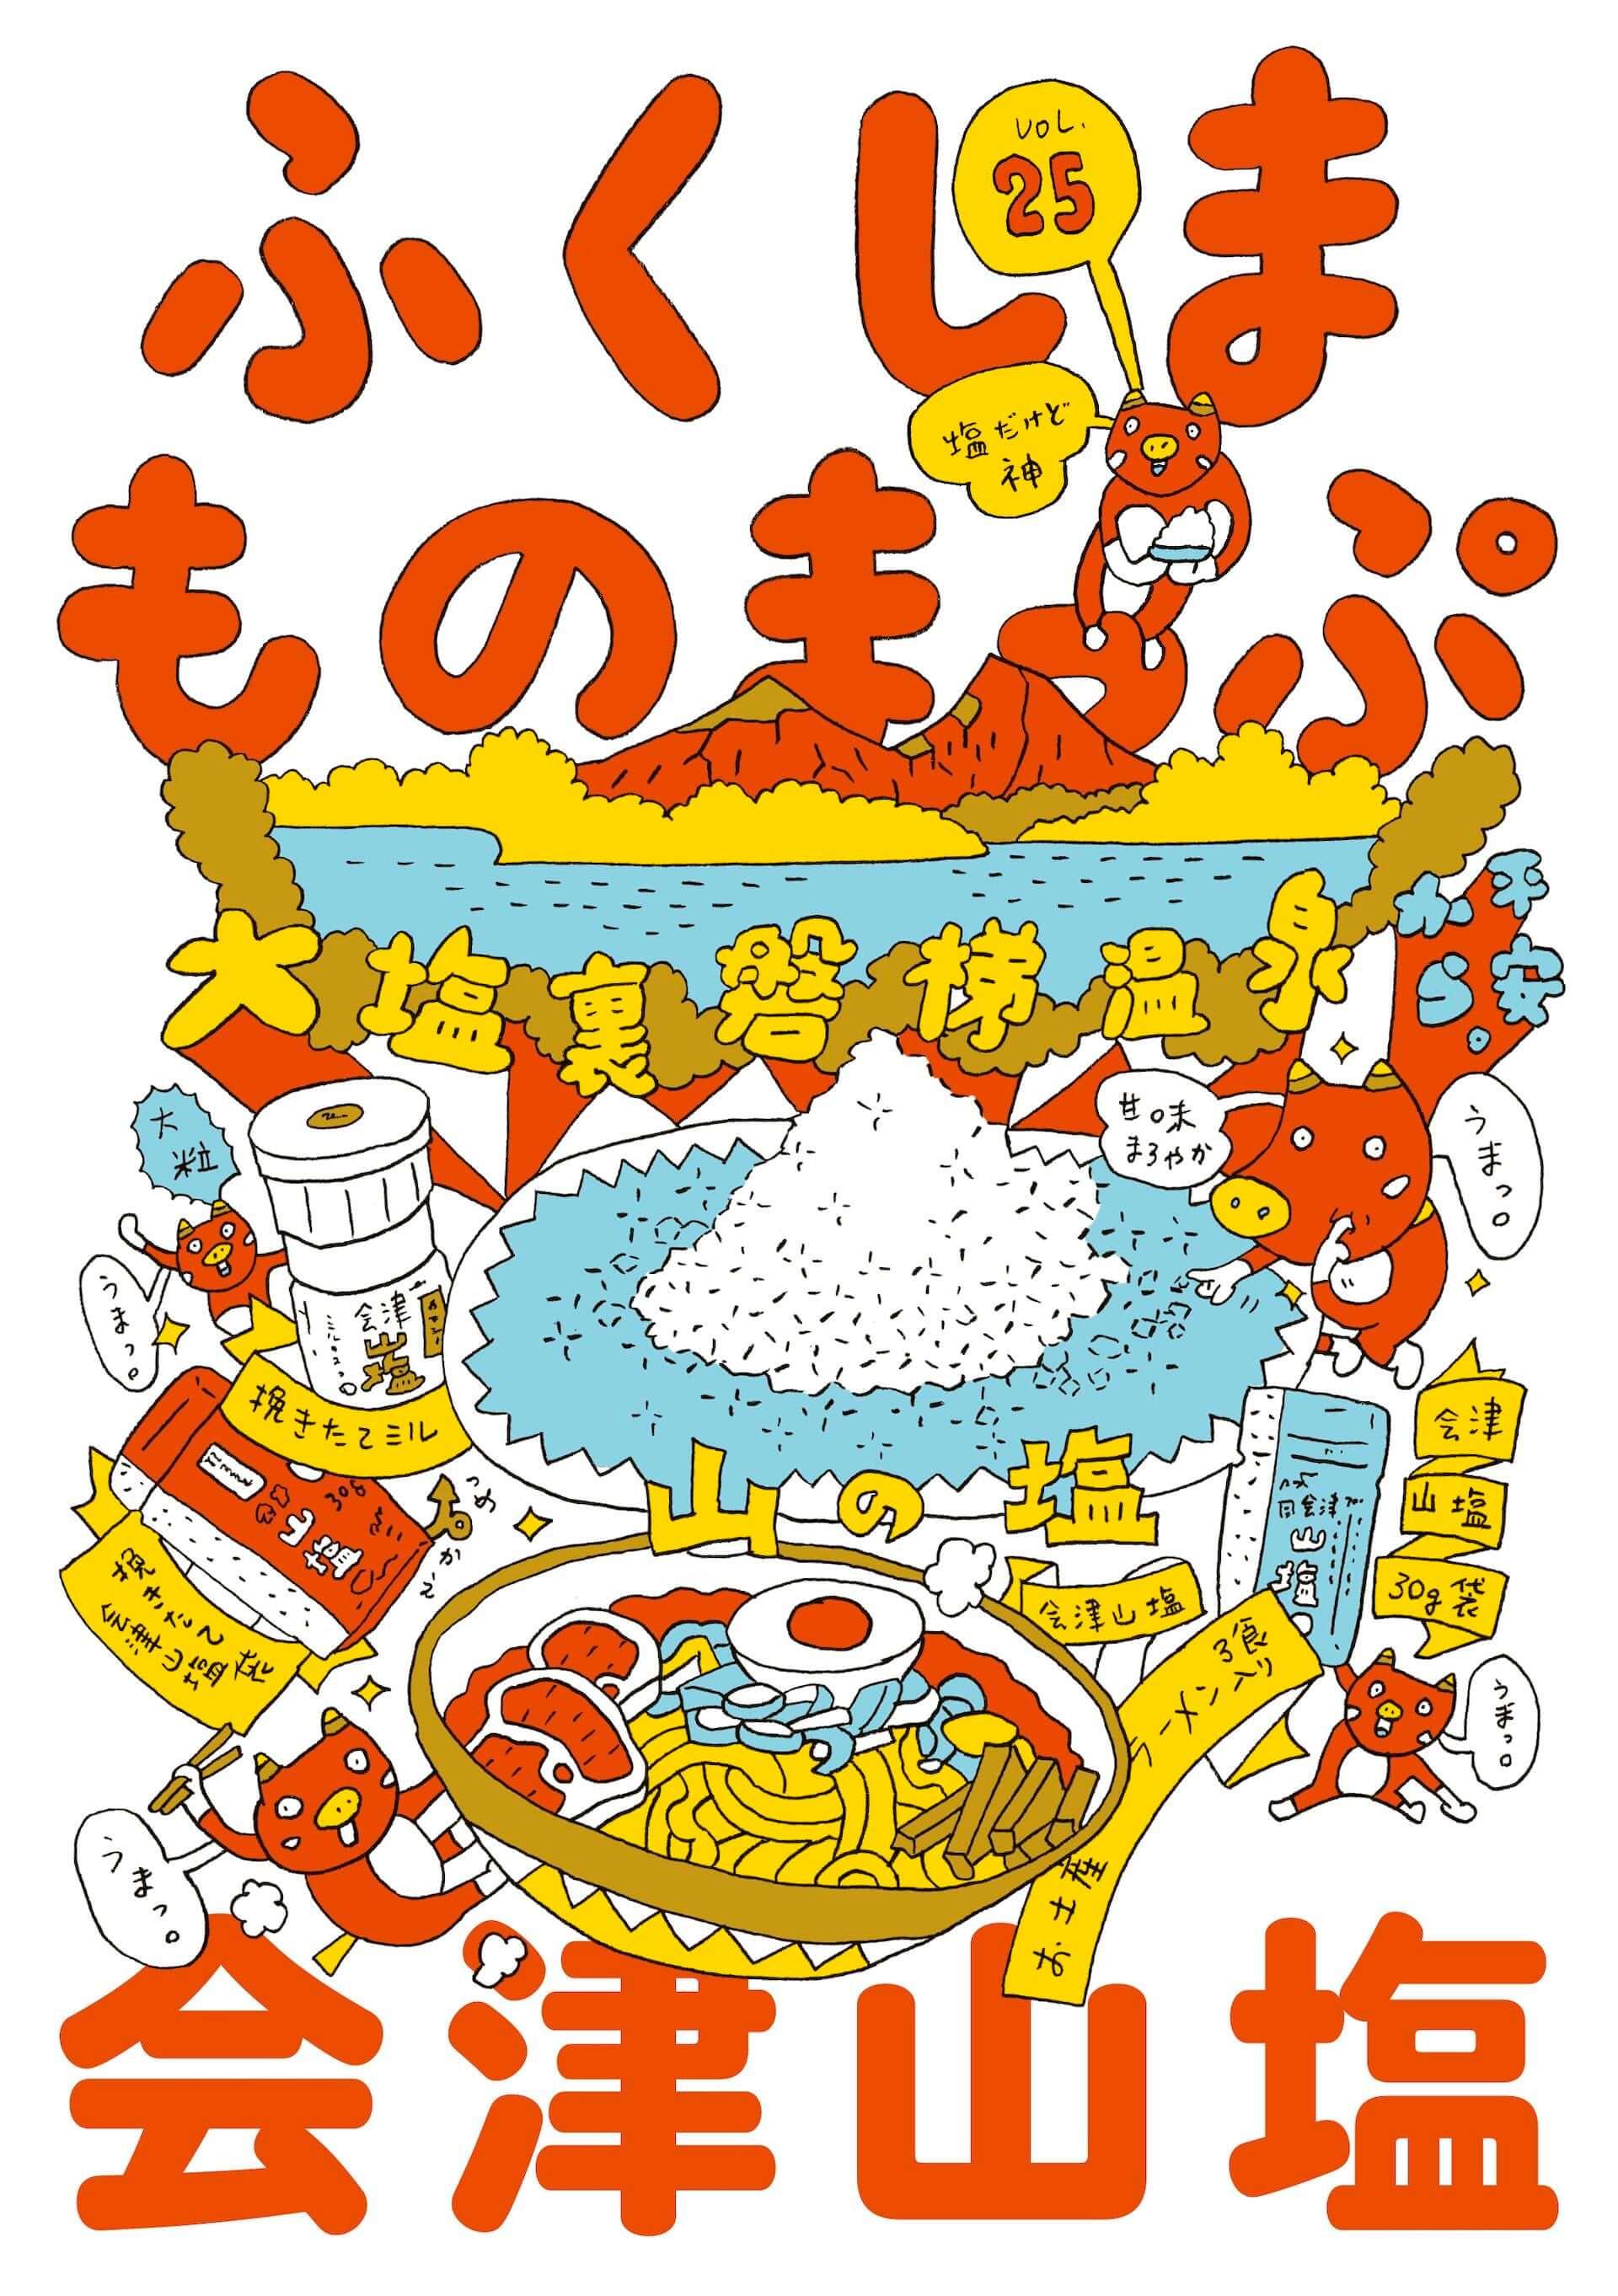 ビームスと福島県によるプロジェクト「ふくしまものまっぷ」第25弾!温泉水を煮詰めて作る山塩『会津山塩』がBEAMS JAPANで発売 gourmet210125_beams_1-1920x2725